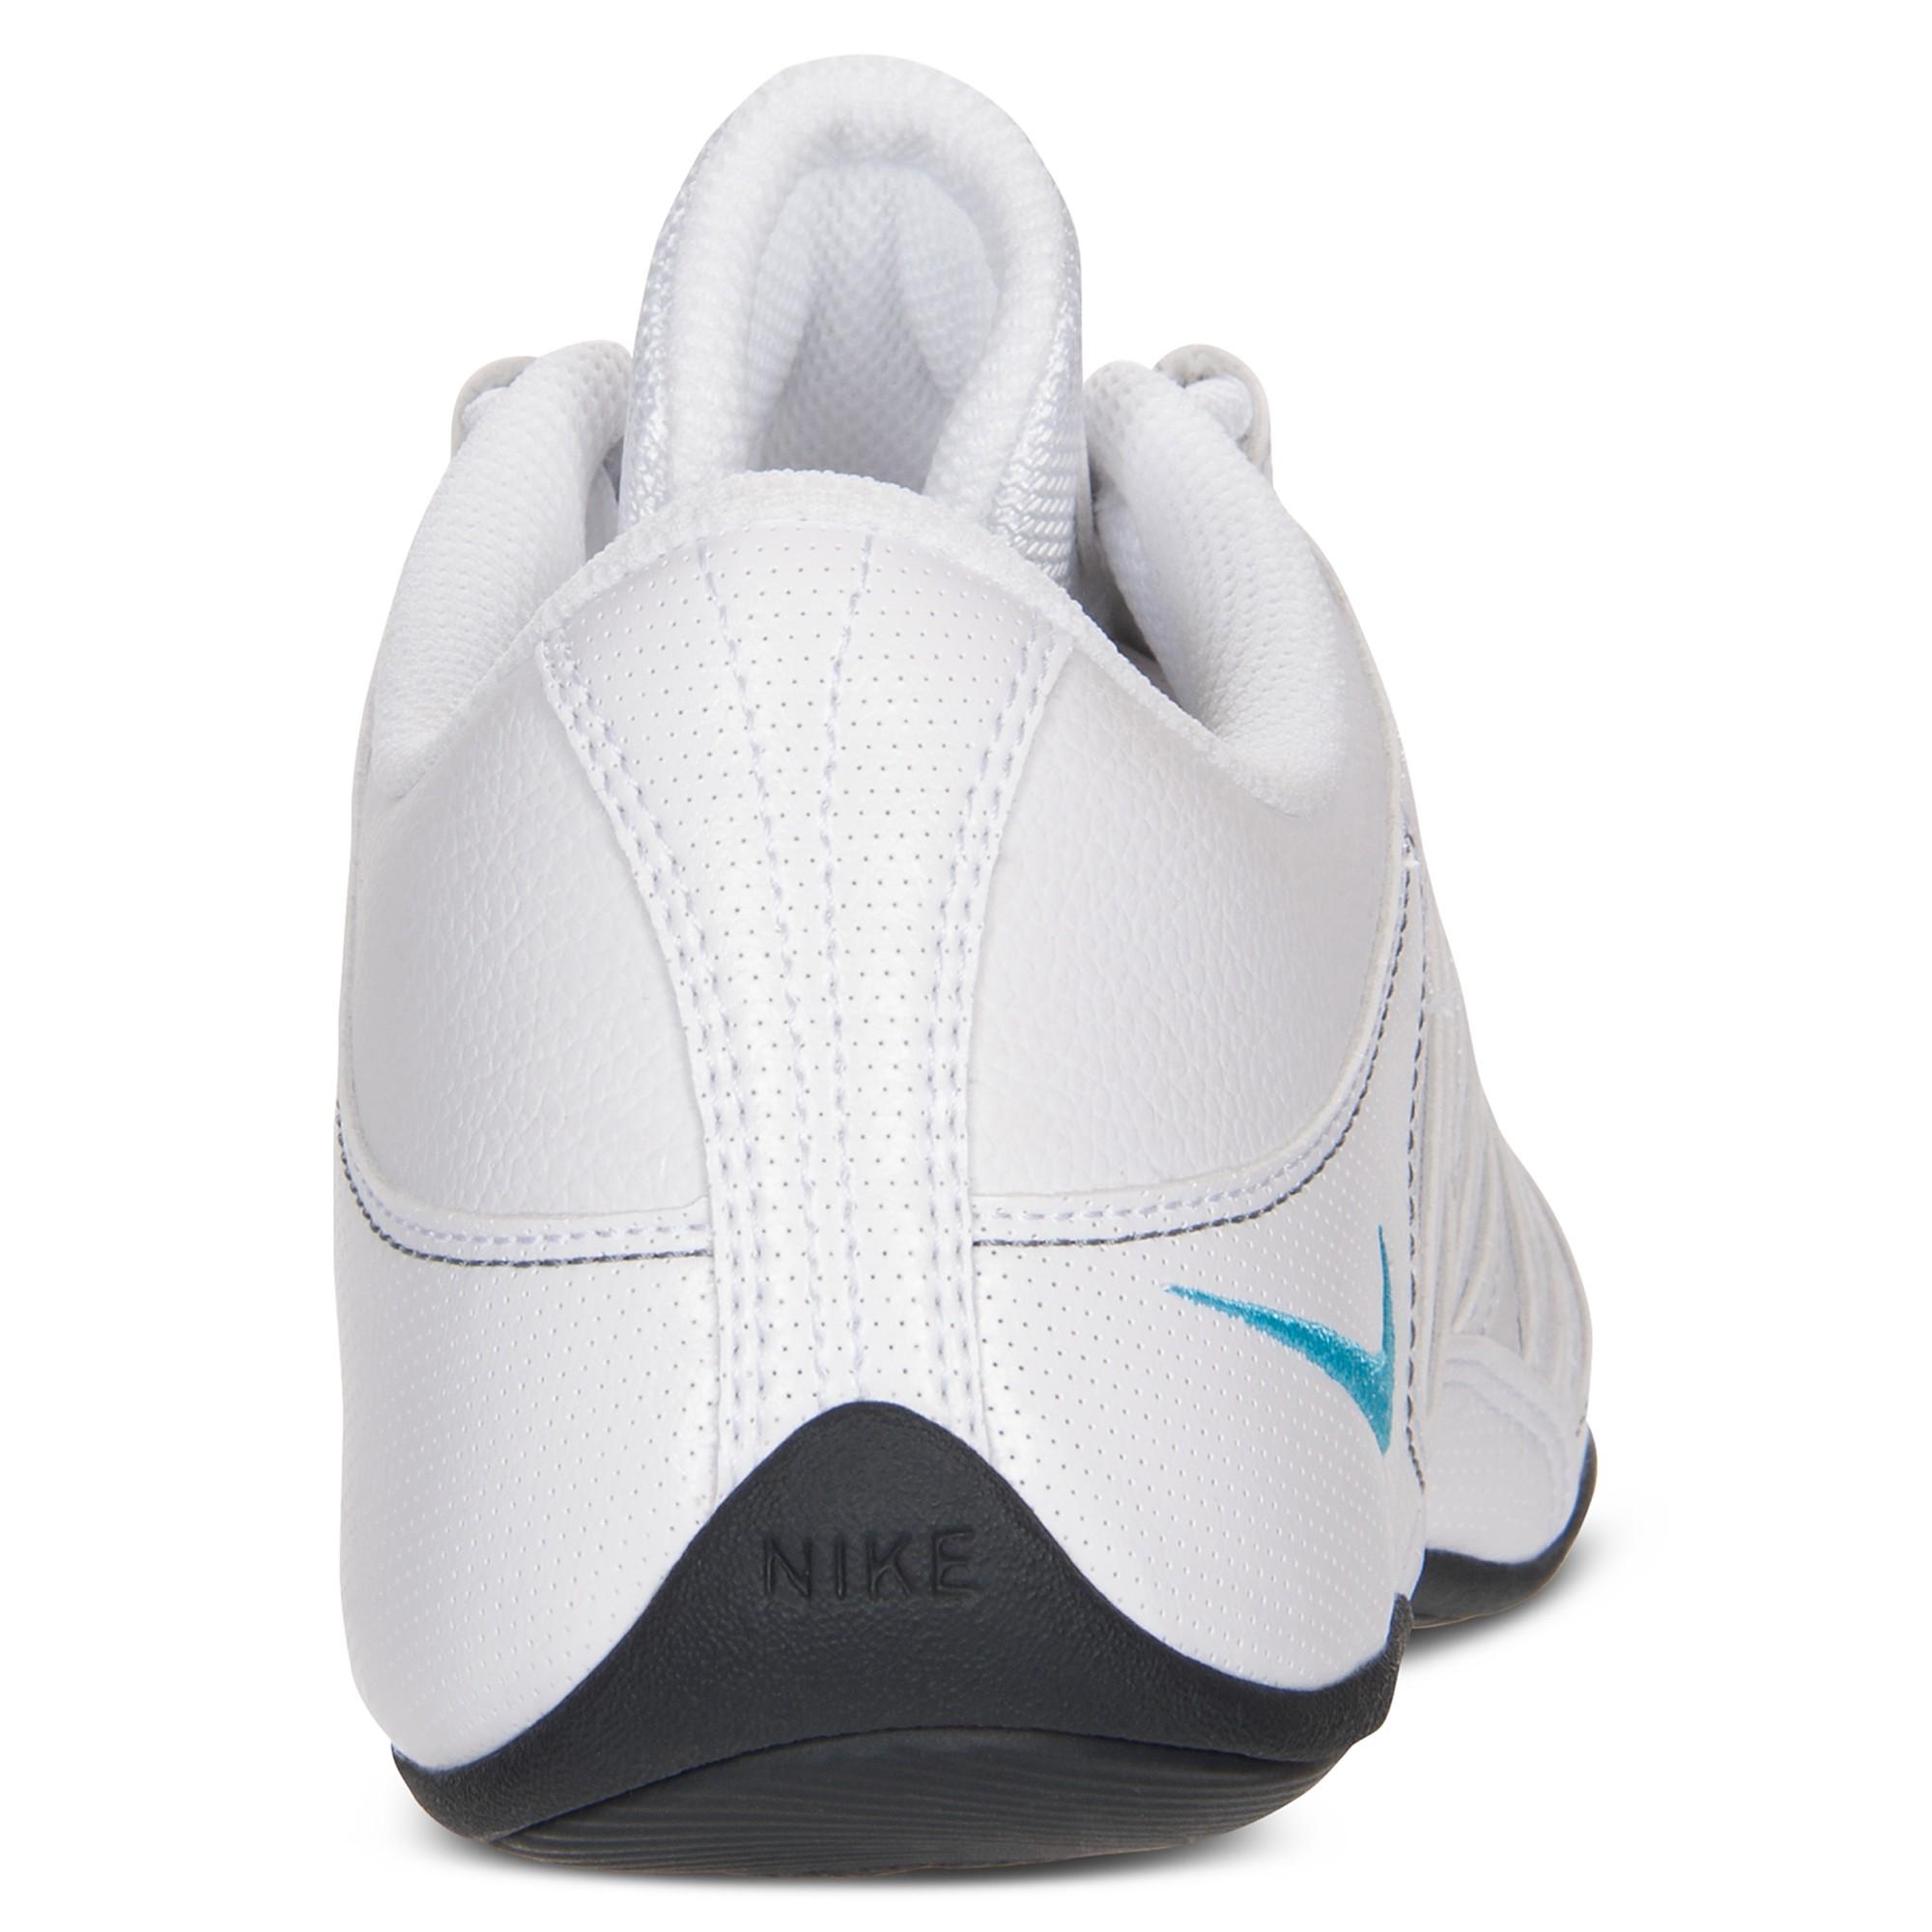 Dance Shoes Nike Musique